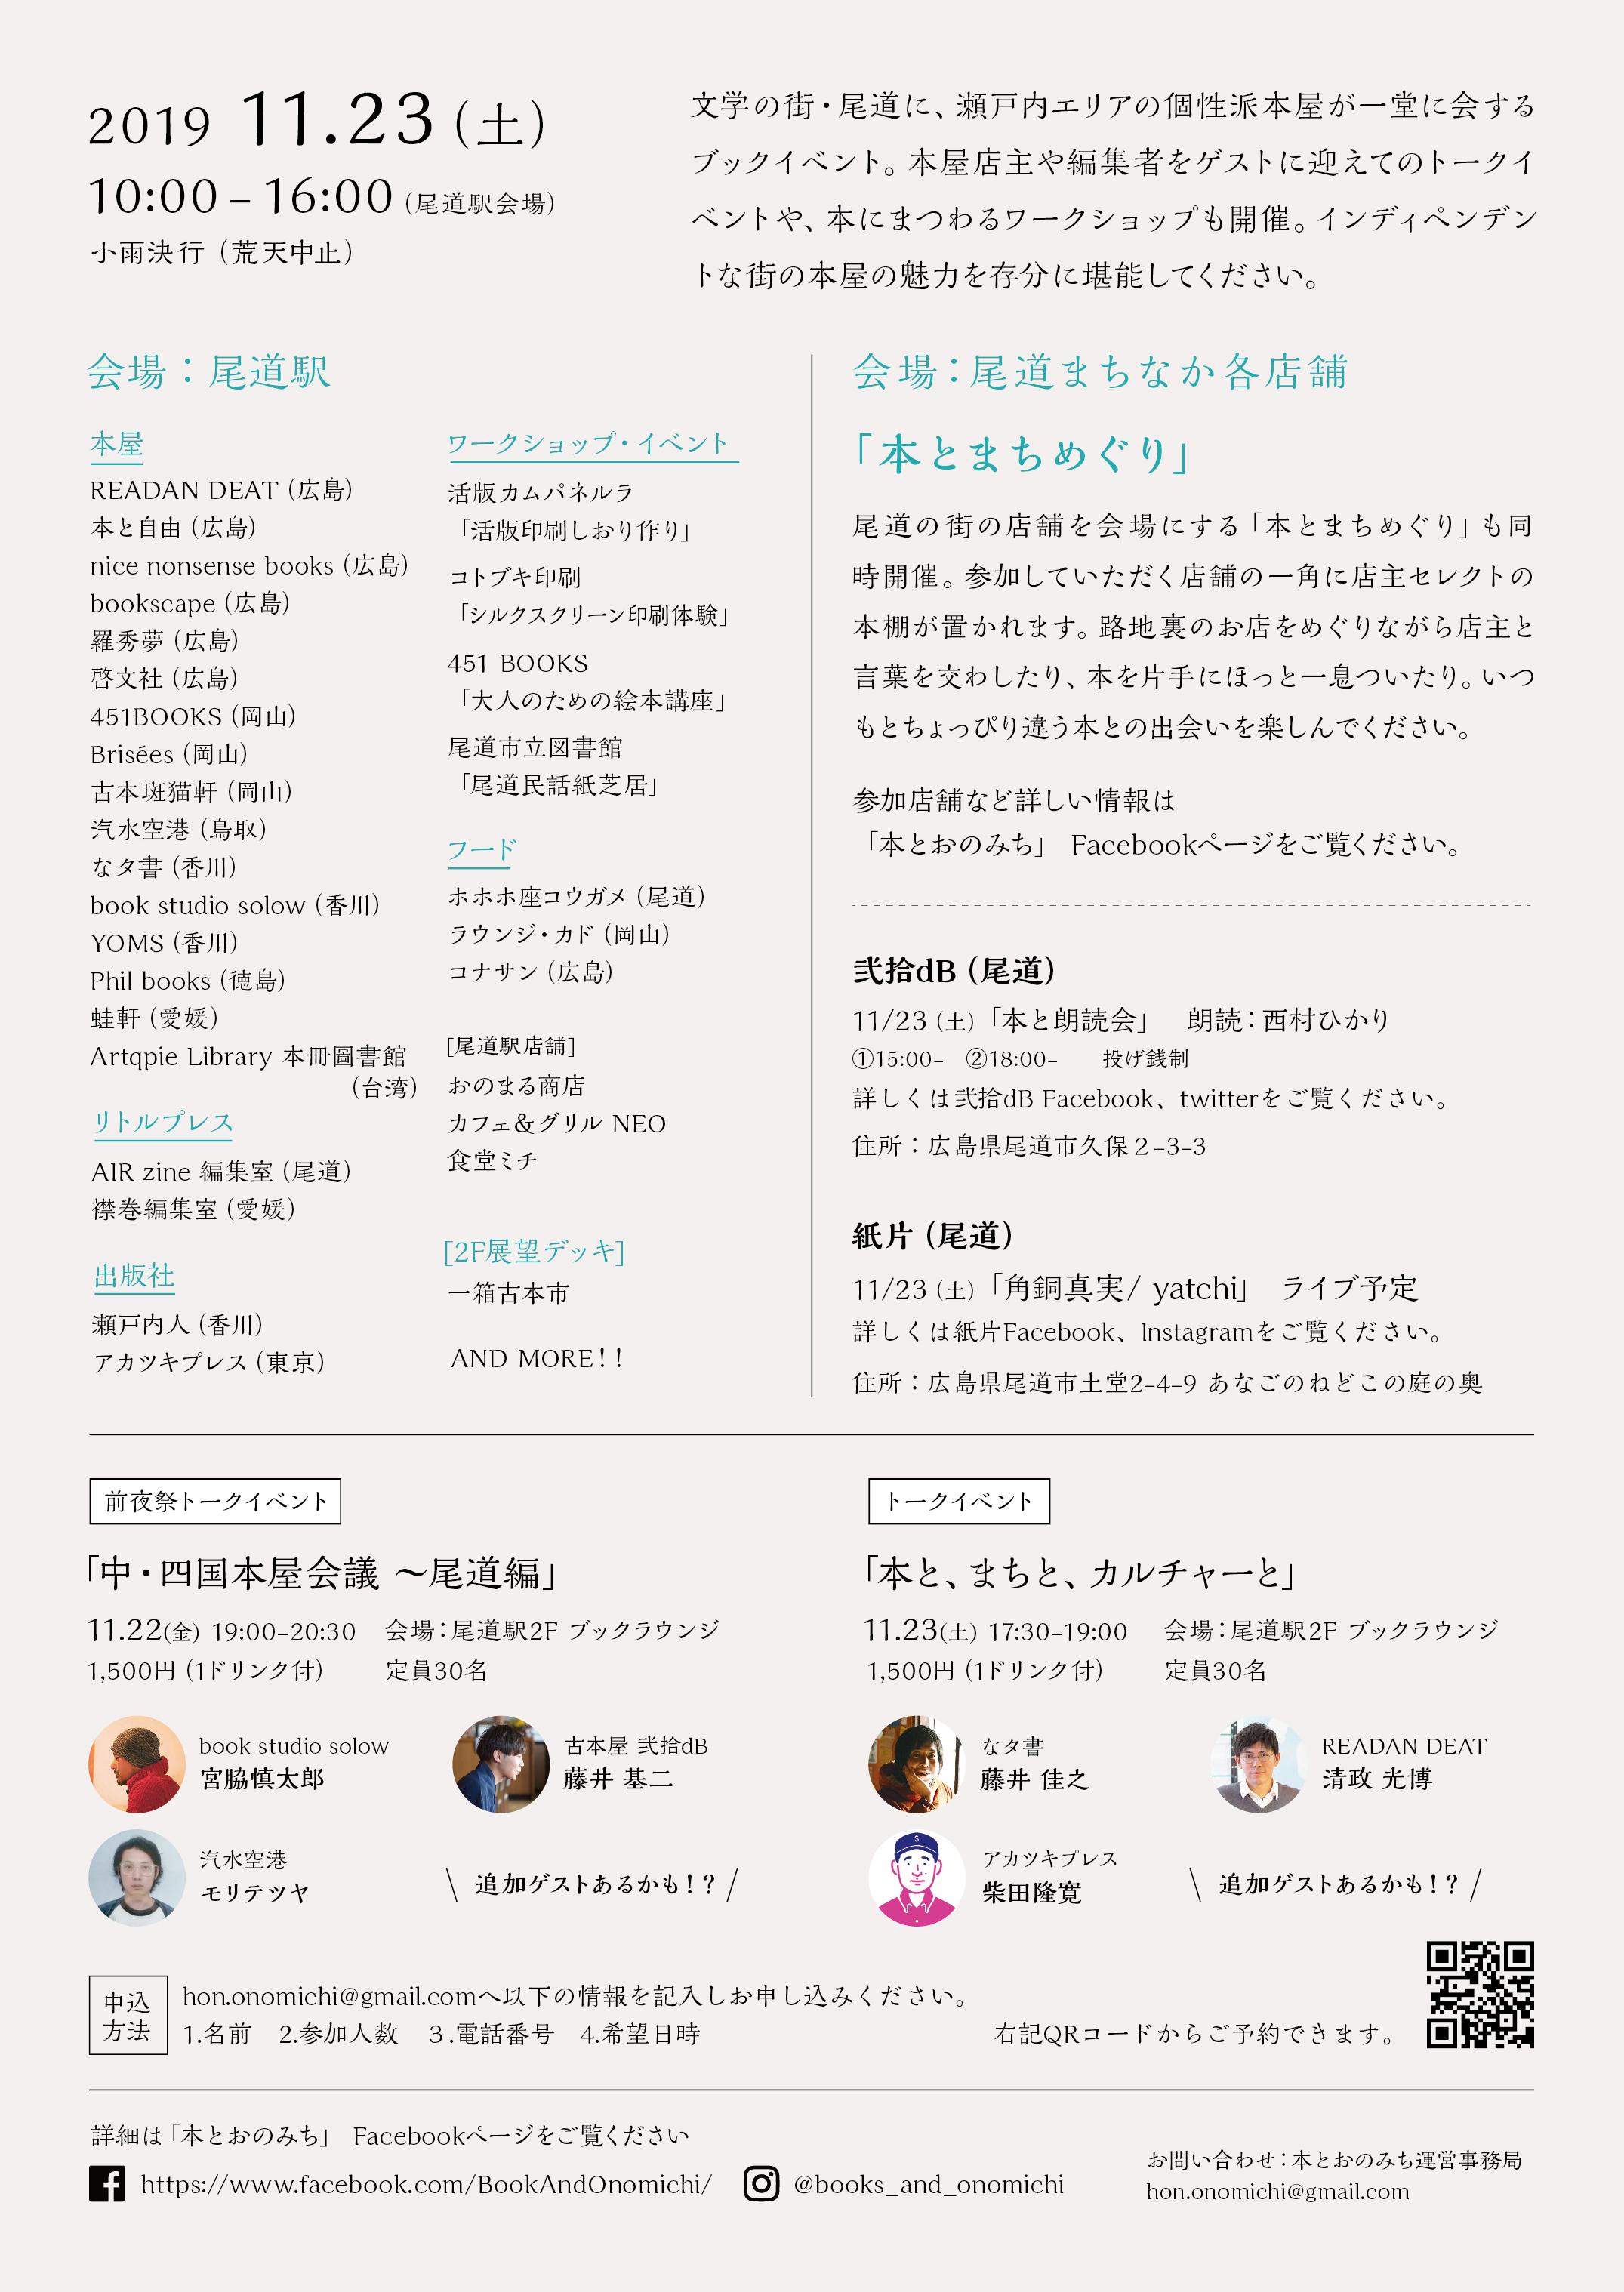 「本とおのみち」トークイベント(11/22前夜祭)